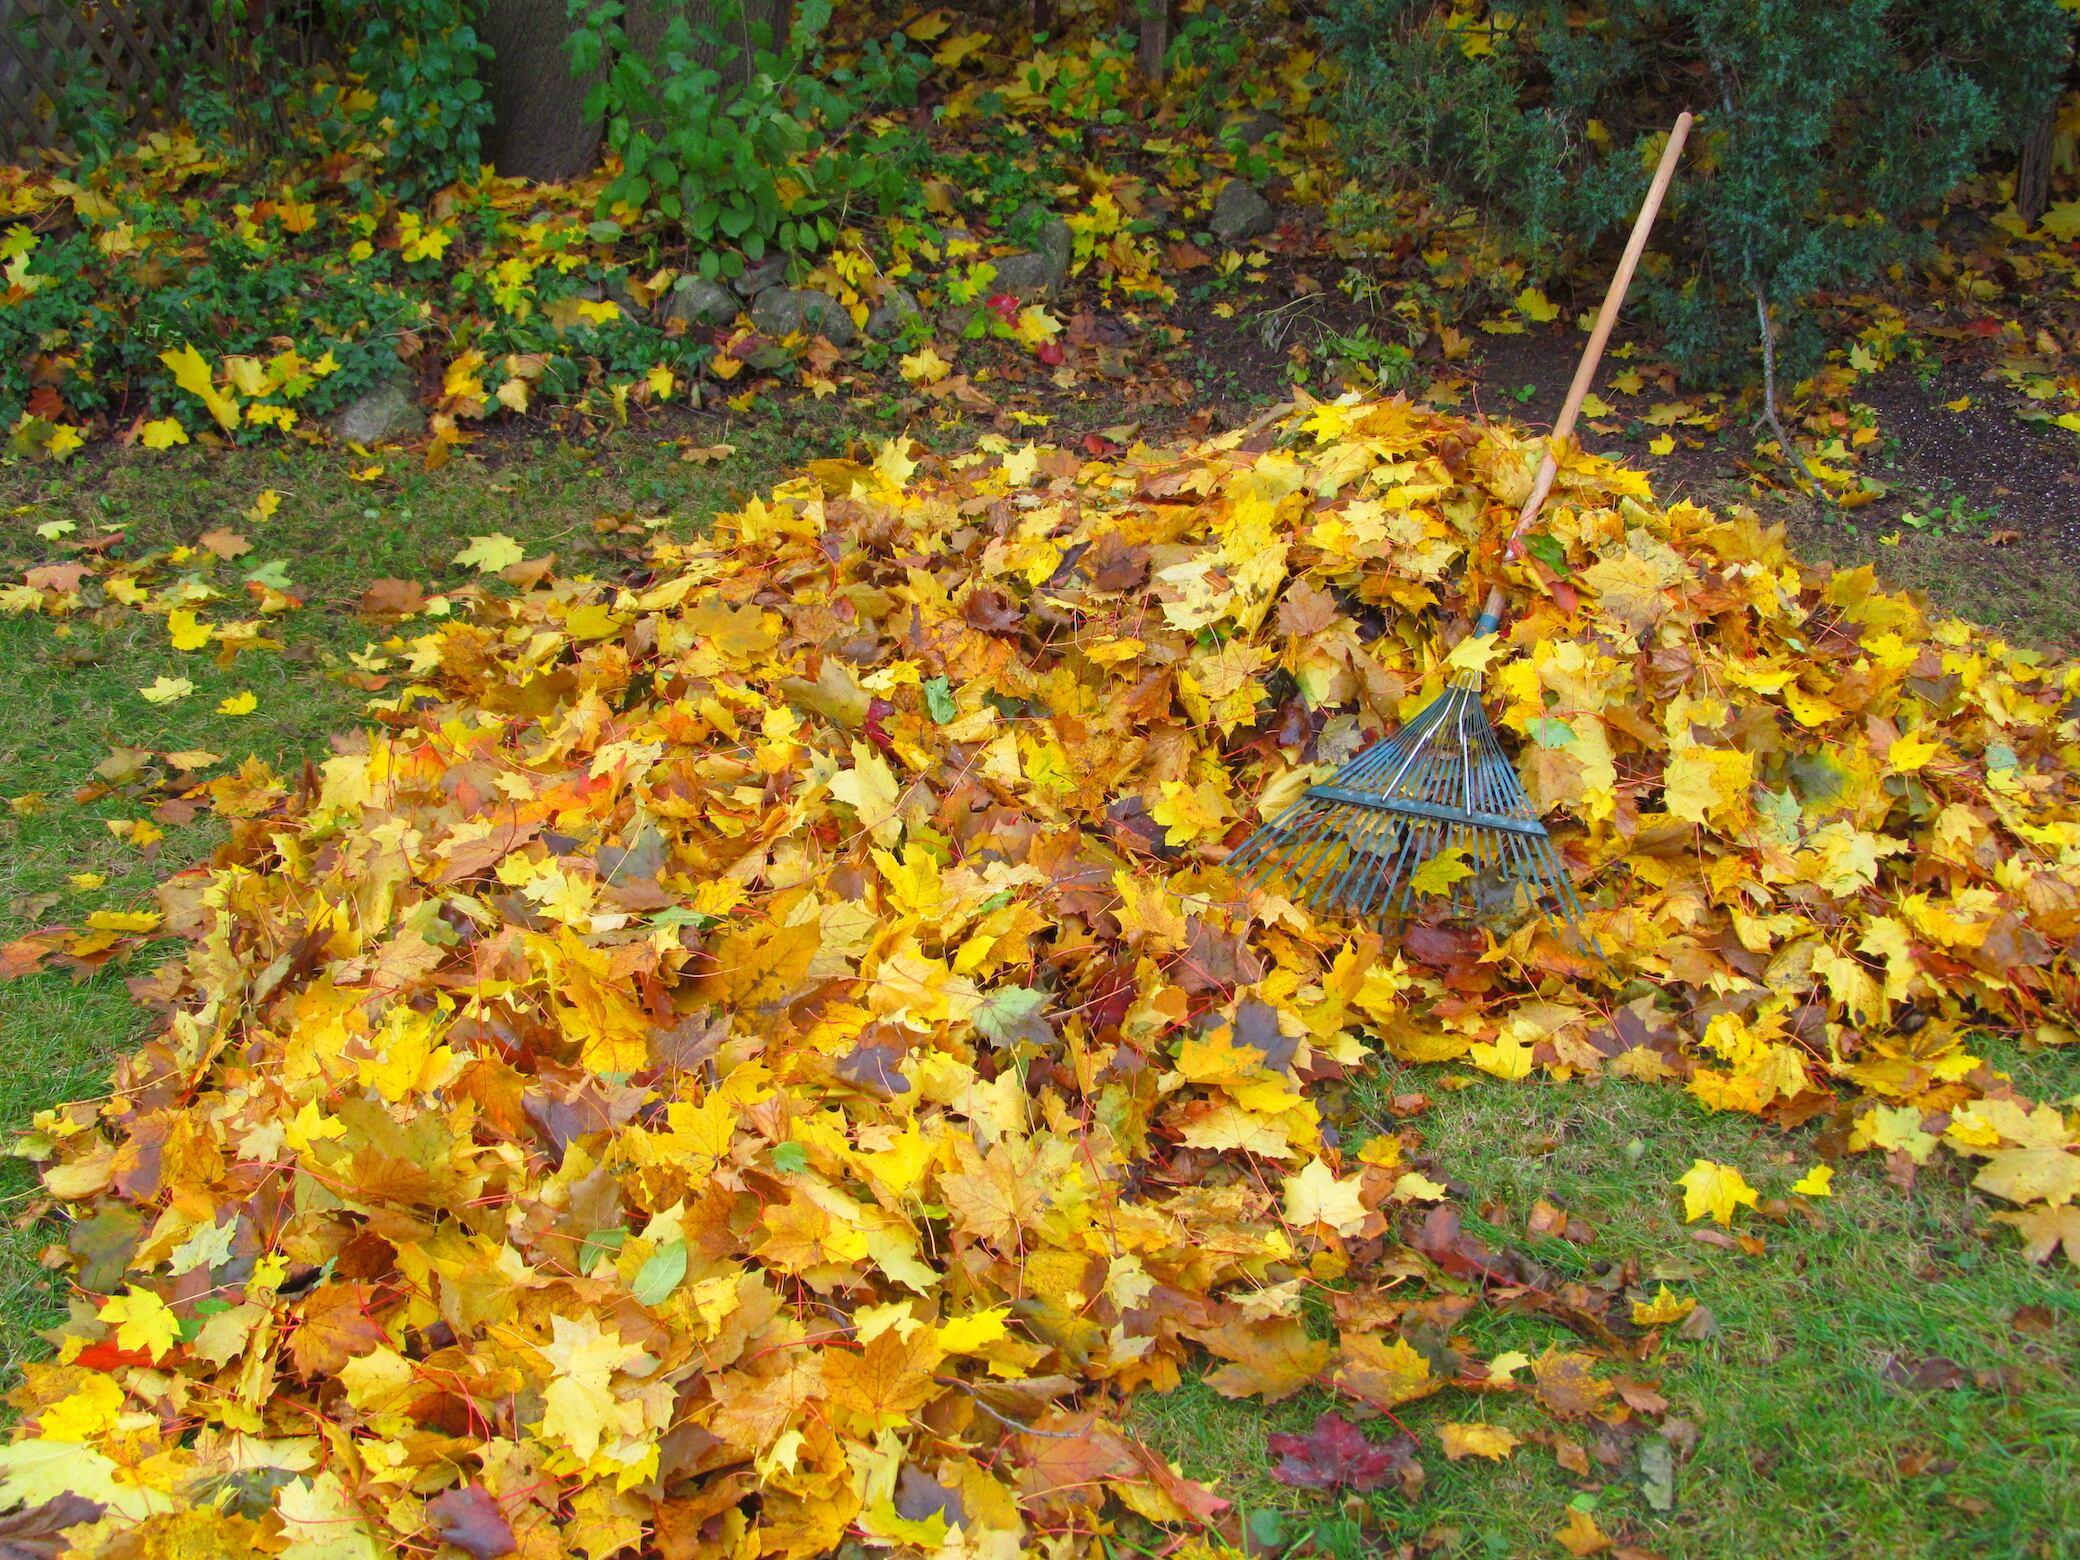 Sollte man Laub im Garten kompostieren, entsorgen oder liegen lassen?